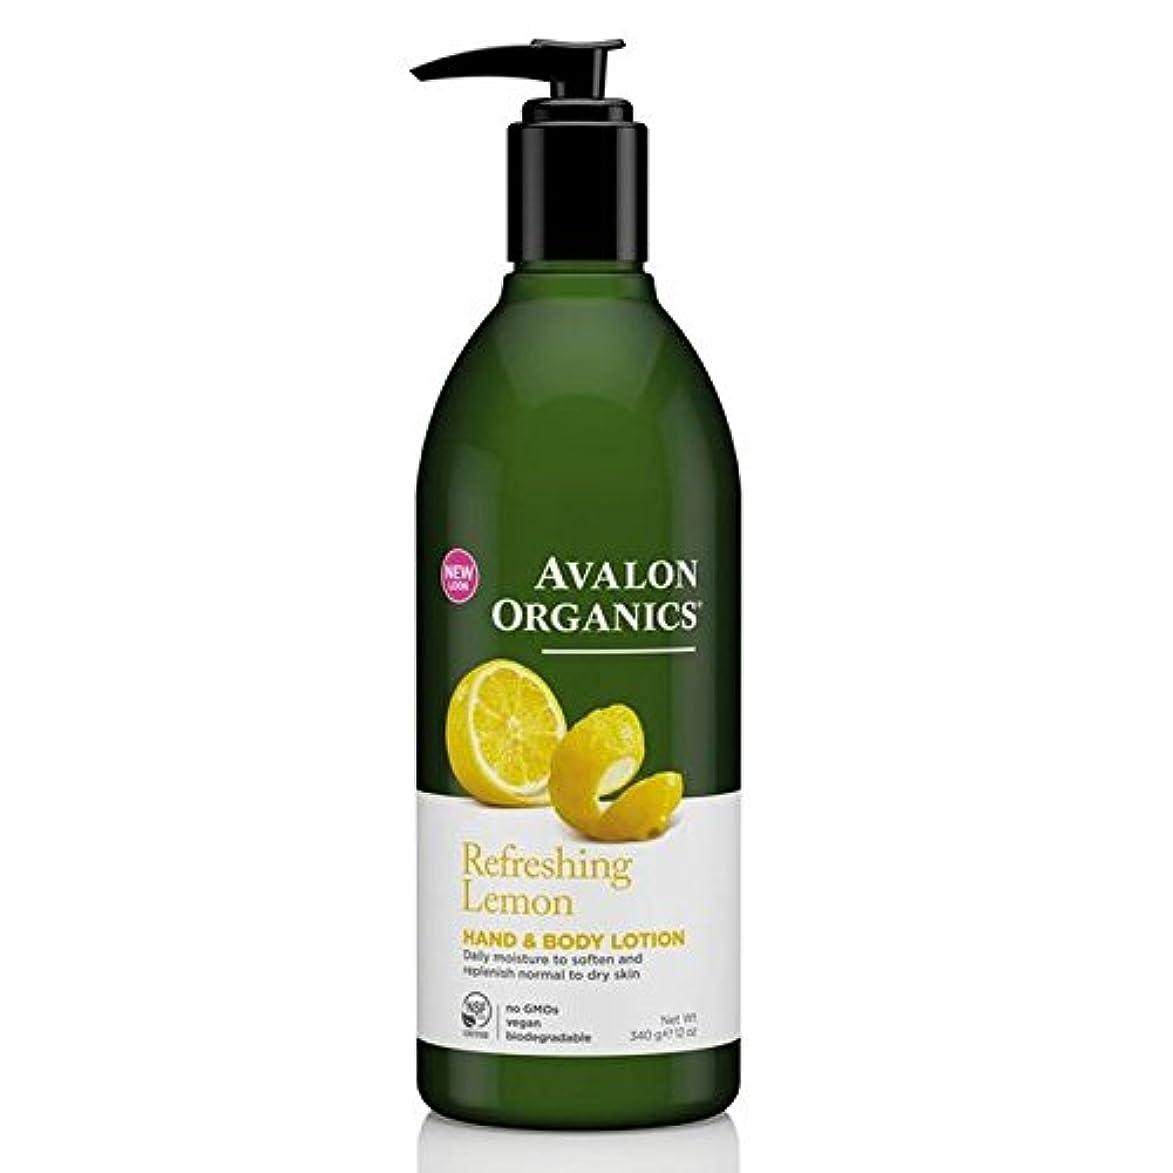 電極厚さ二週間Avalon Organics Lemon Hand & Body Lotion 340g - (Avalon) レモンハンド&ボディローション340グラム [並行輸入品]